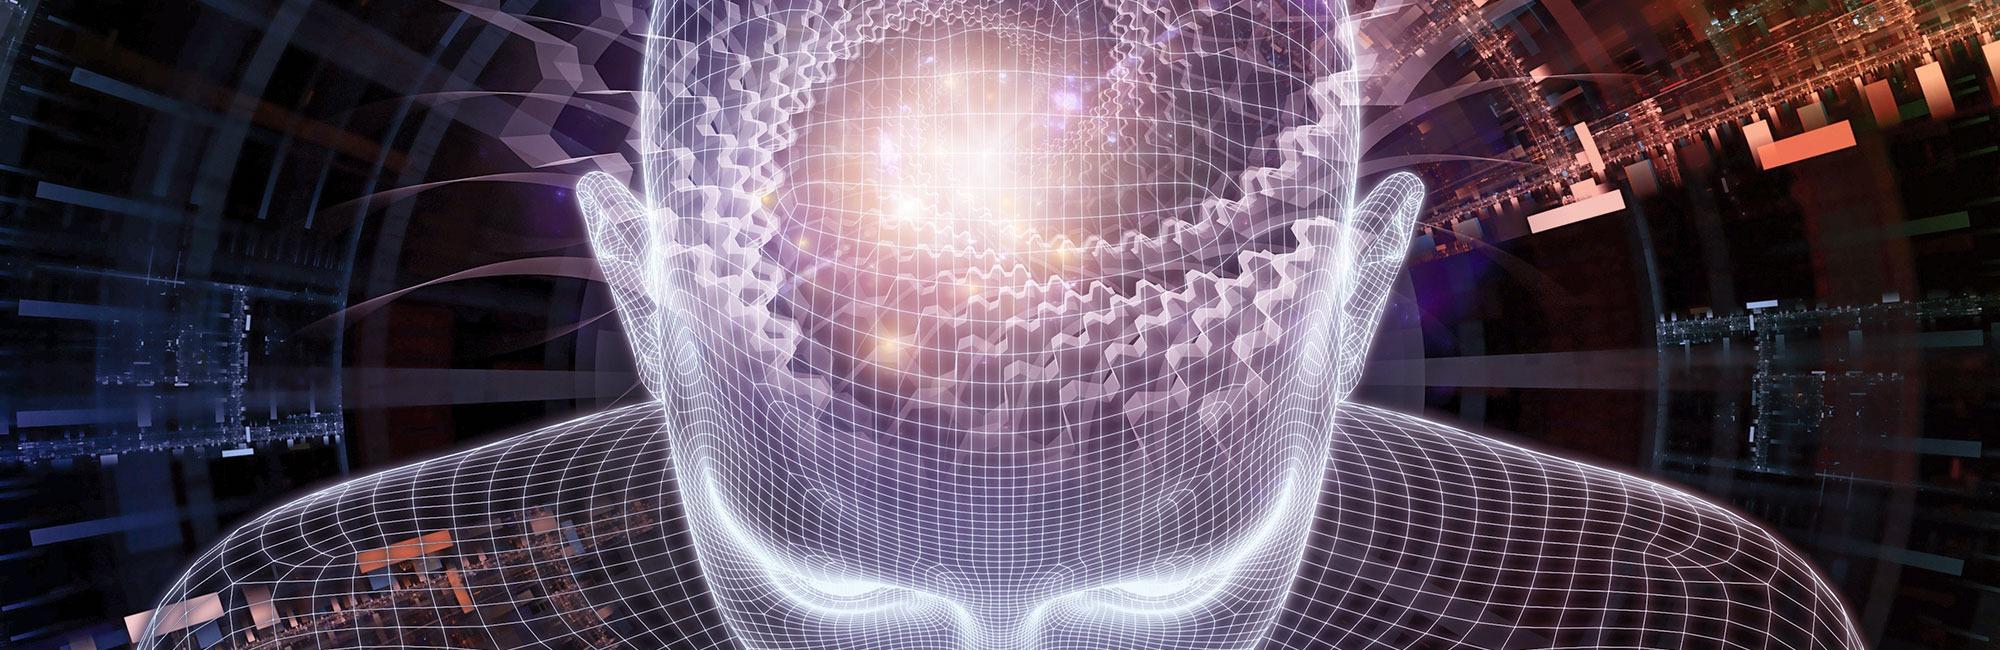 Le bol de cristal facilite l'accès à une conscience quantique lors de voyage en état modifié de conscience. Pourquoi et Comment cela se produit ? Cristal Vibrasons